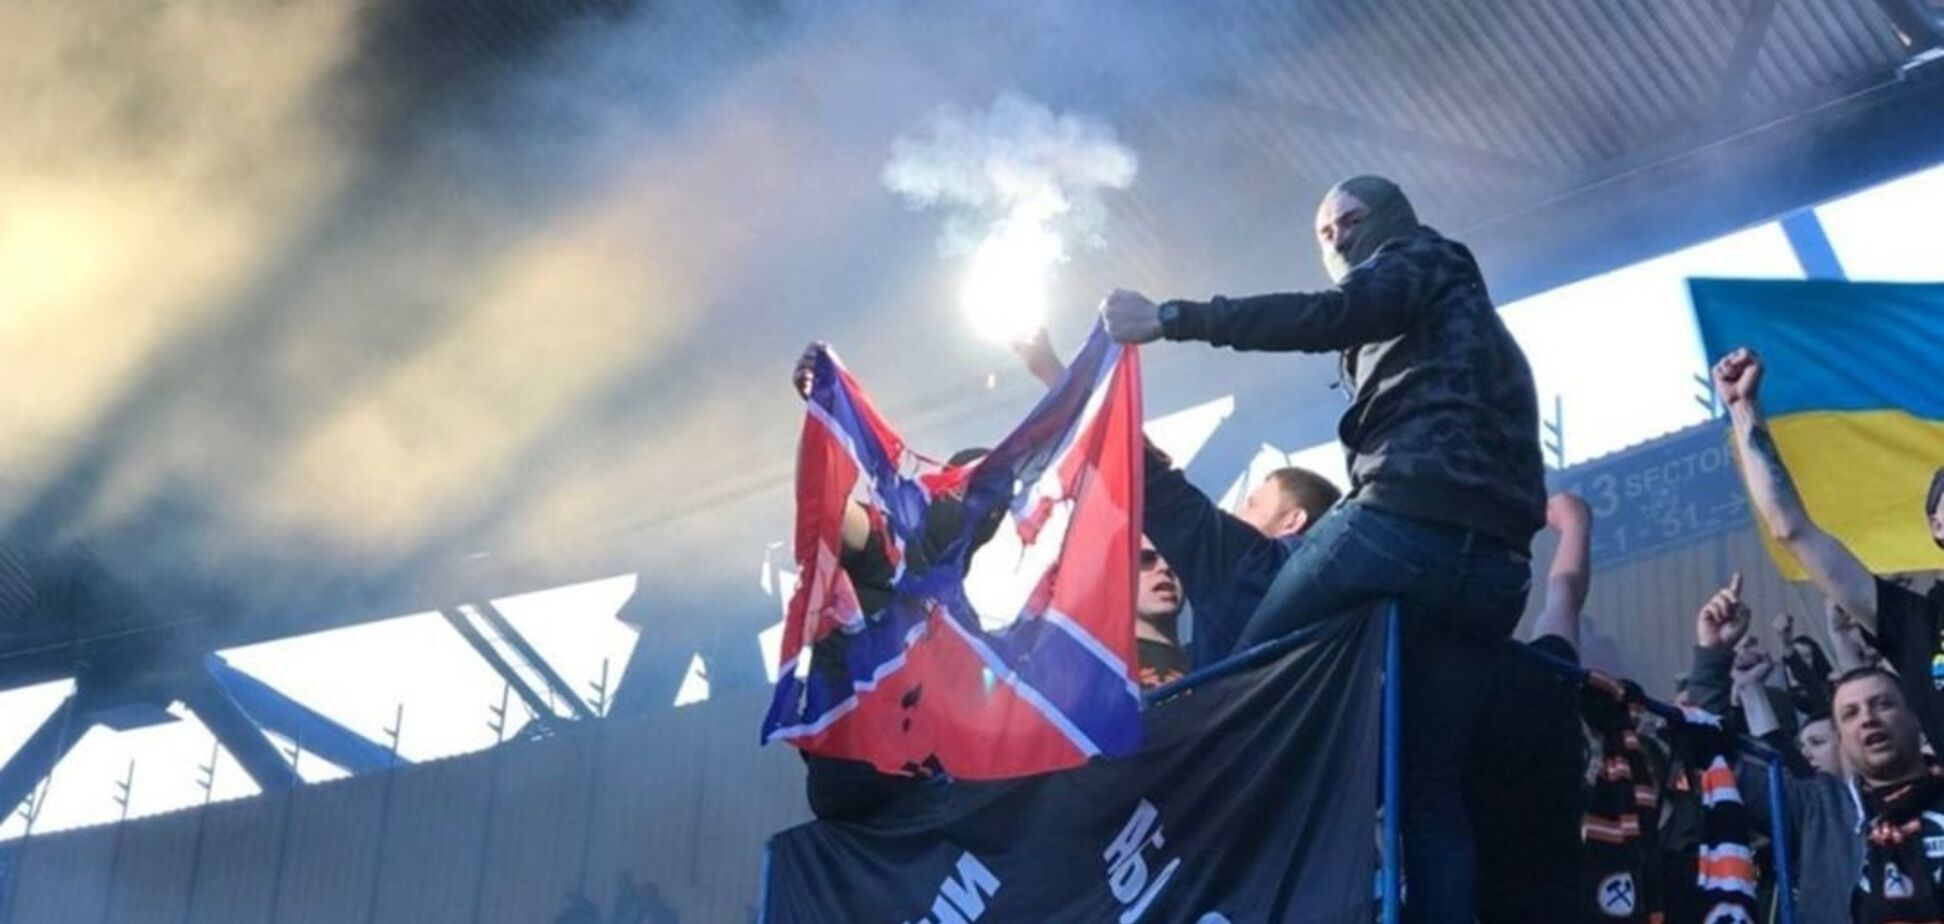 Фанаты 'Шахтера' на матче с 'Динамо' сожгли флаг 'Новороссии'